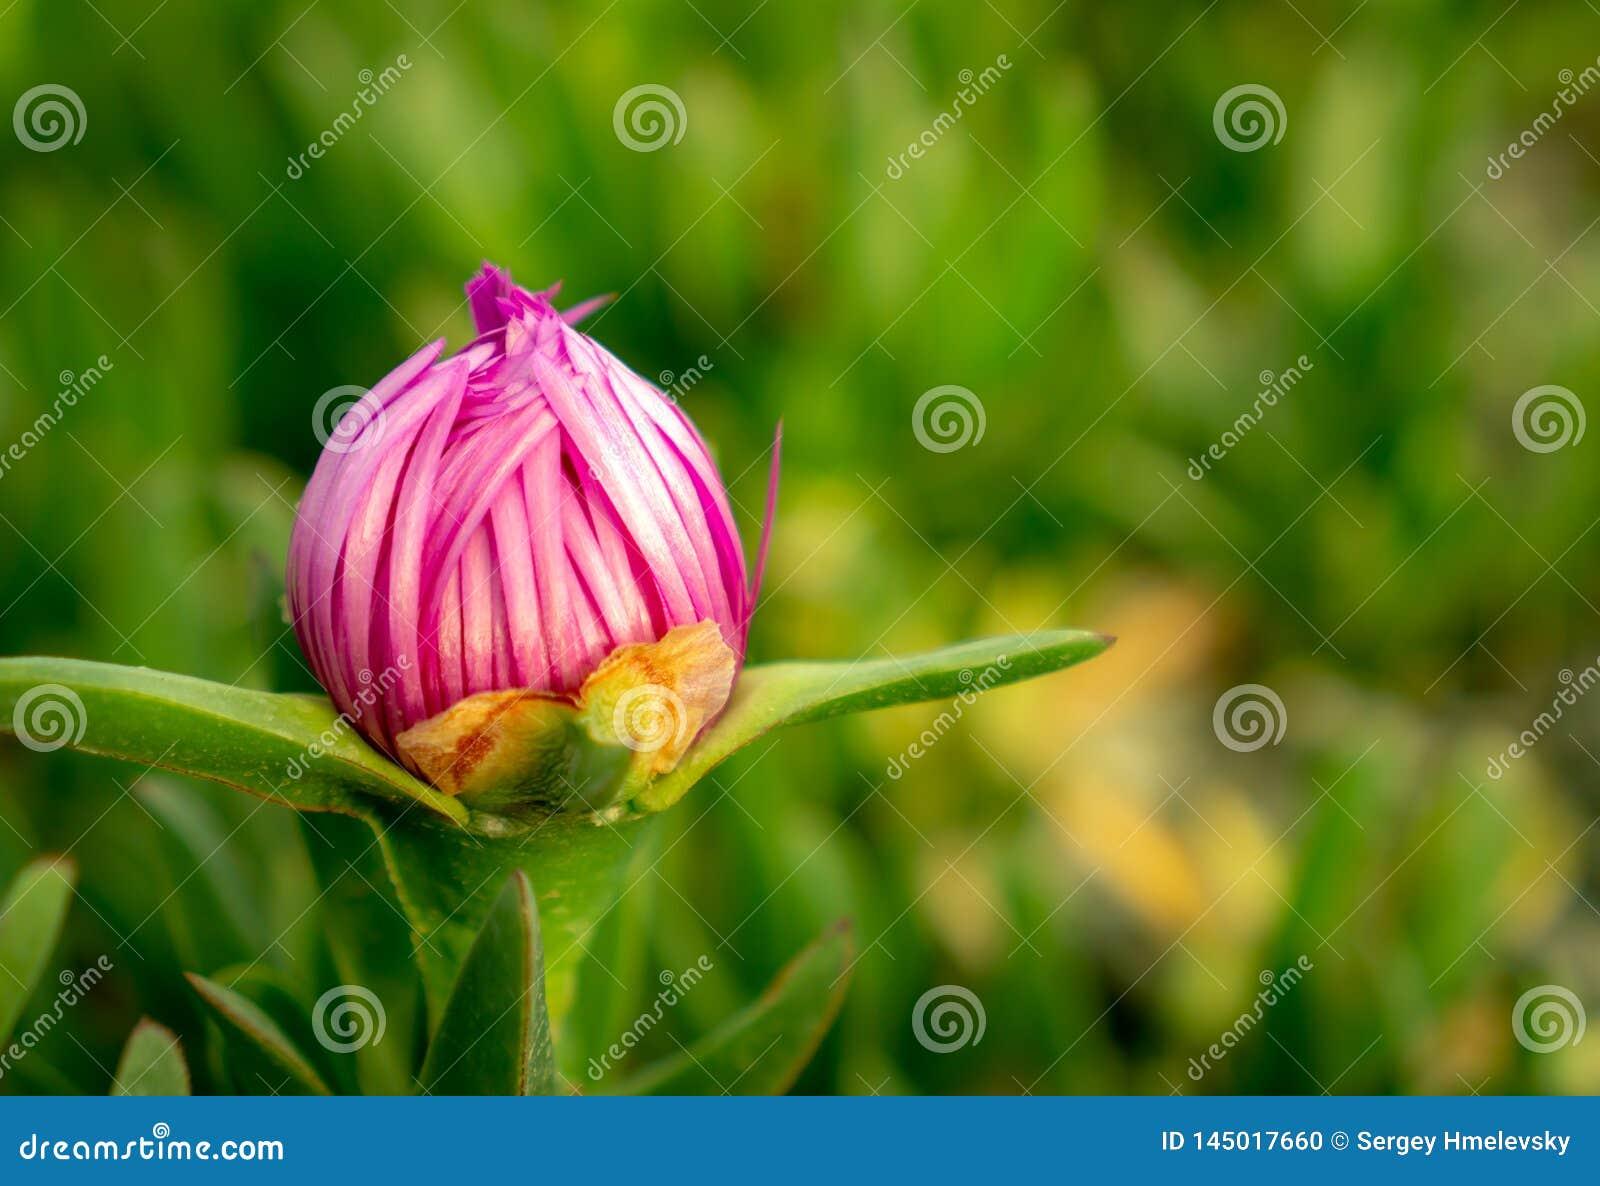 A red garden flower, Hottentot-fig